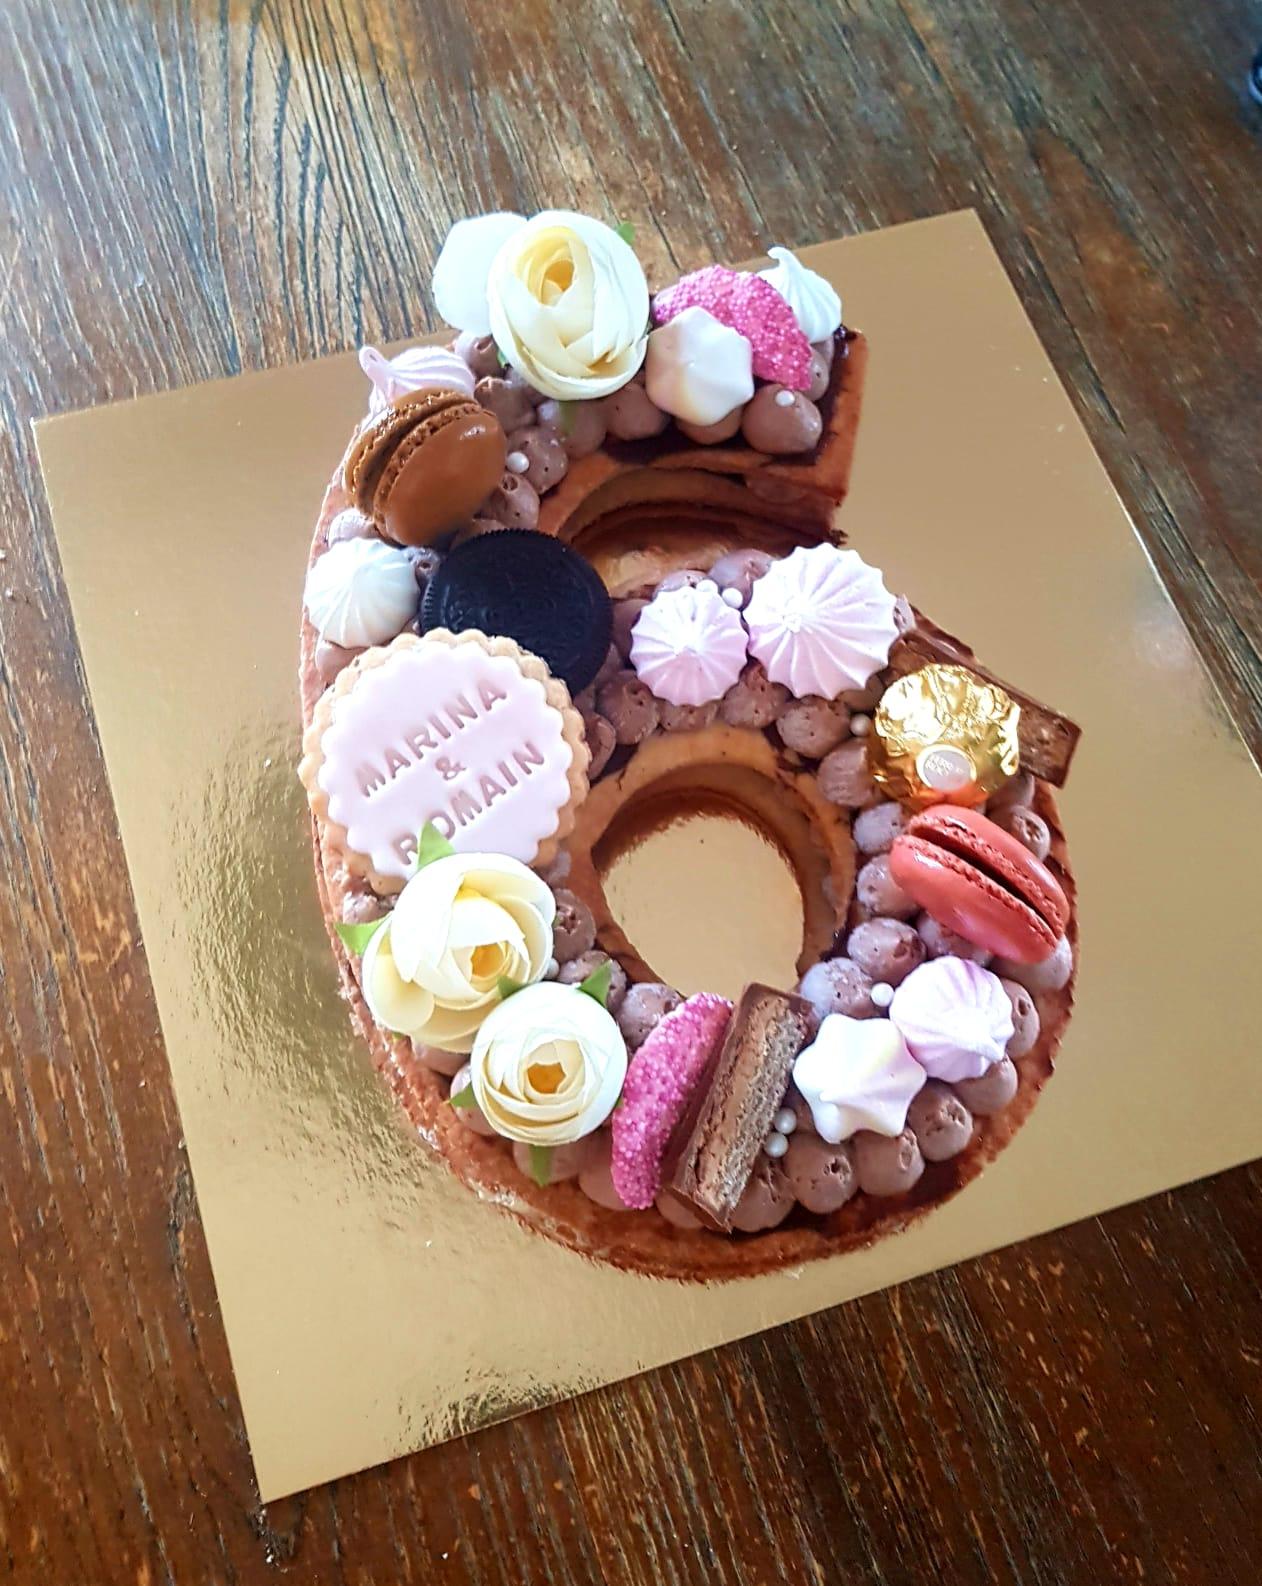 Number cake 6 ans Anniversaire de mariage